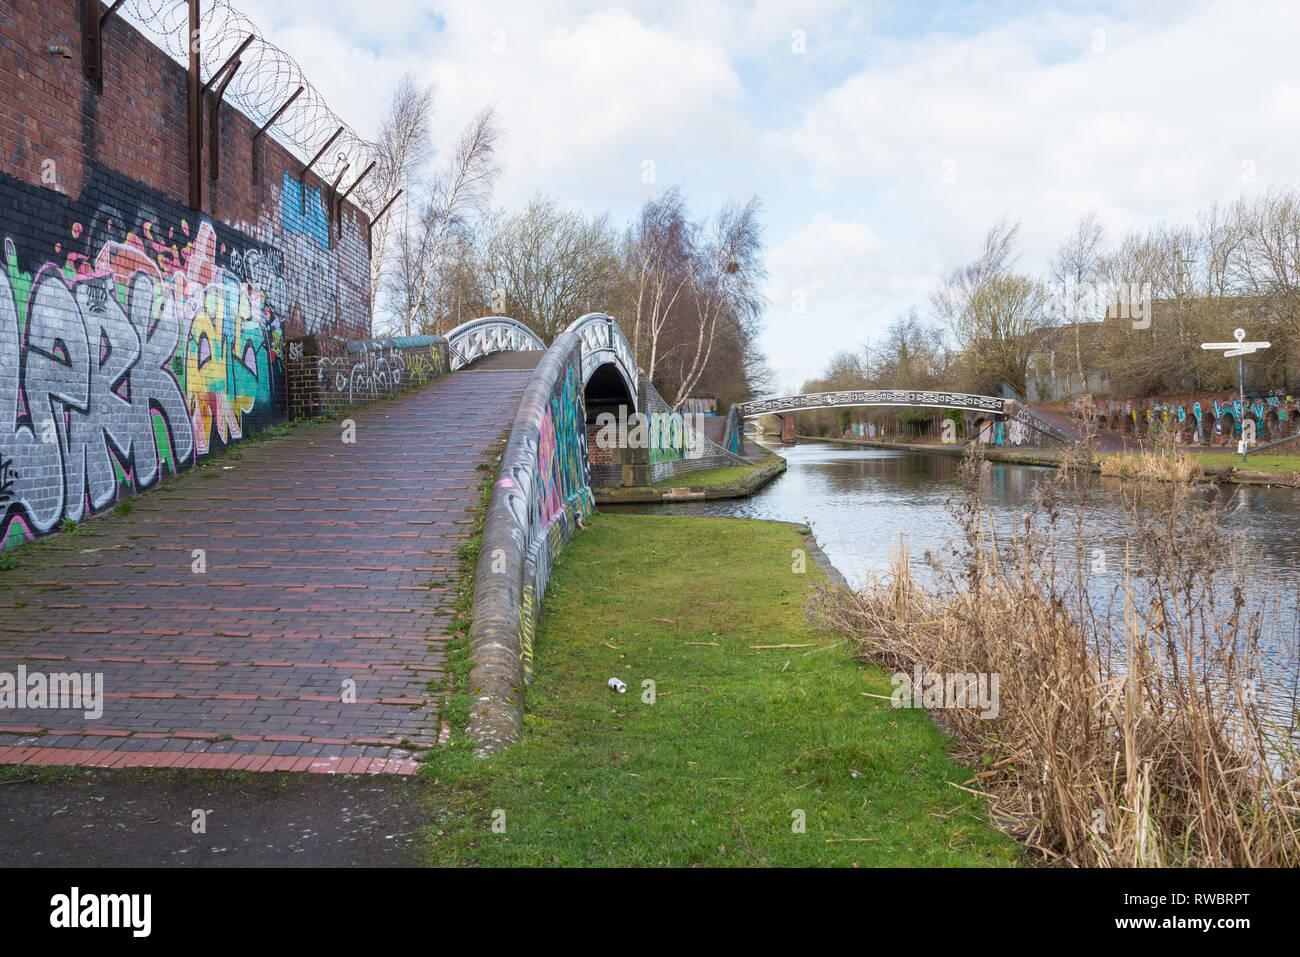 El antiguo canal de Birmingham Línea que pasa por el interior del distrito de la ciudad de Birmingham Ladywood que está experimentando la regeneración Foto de stock